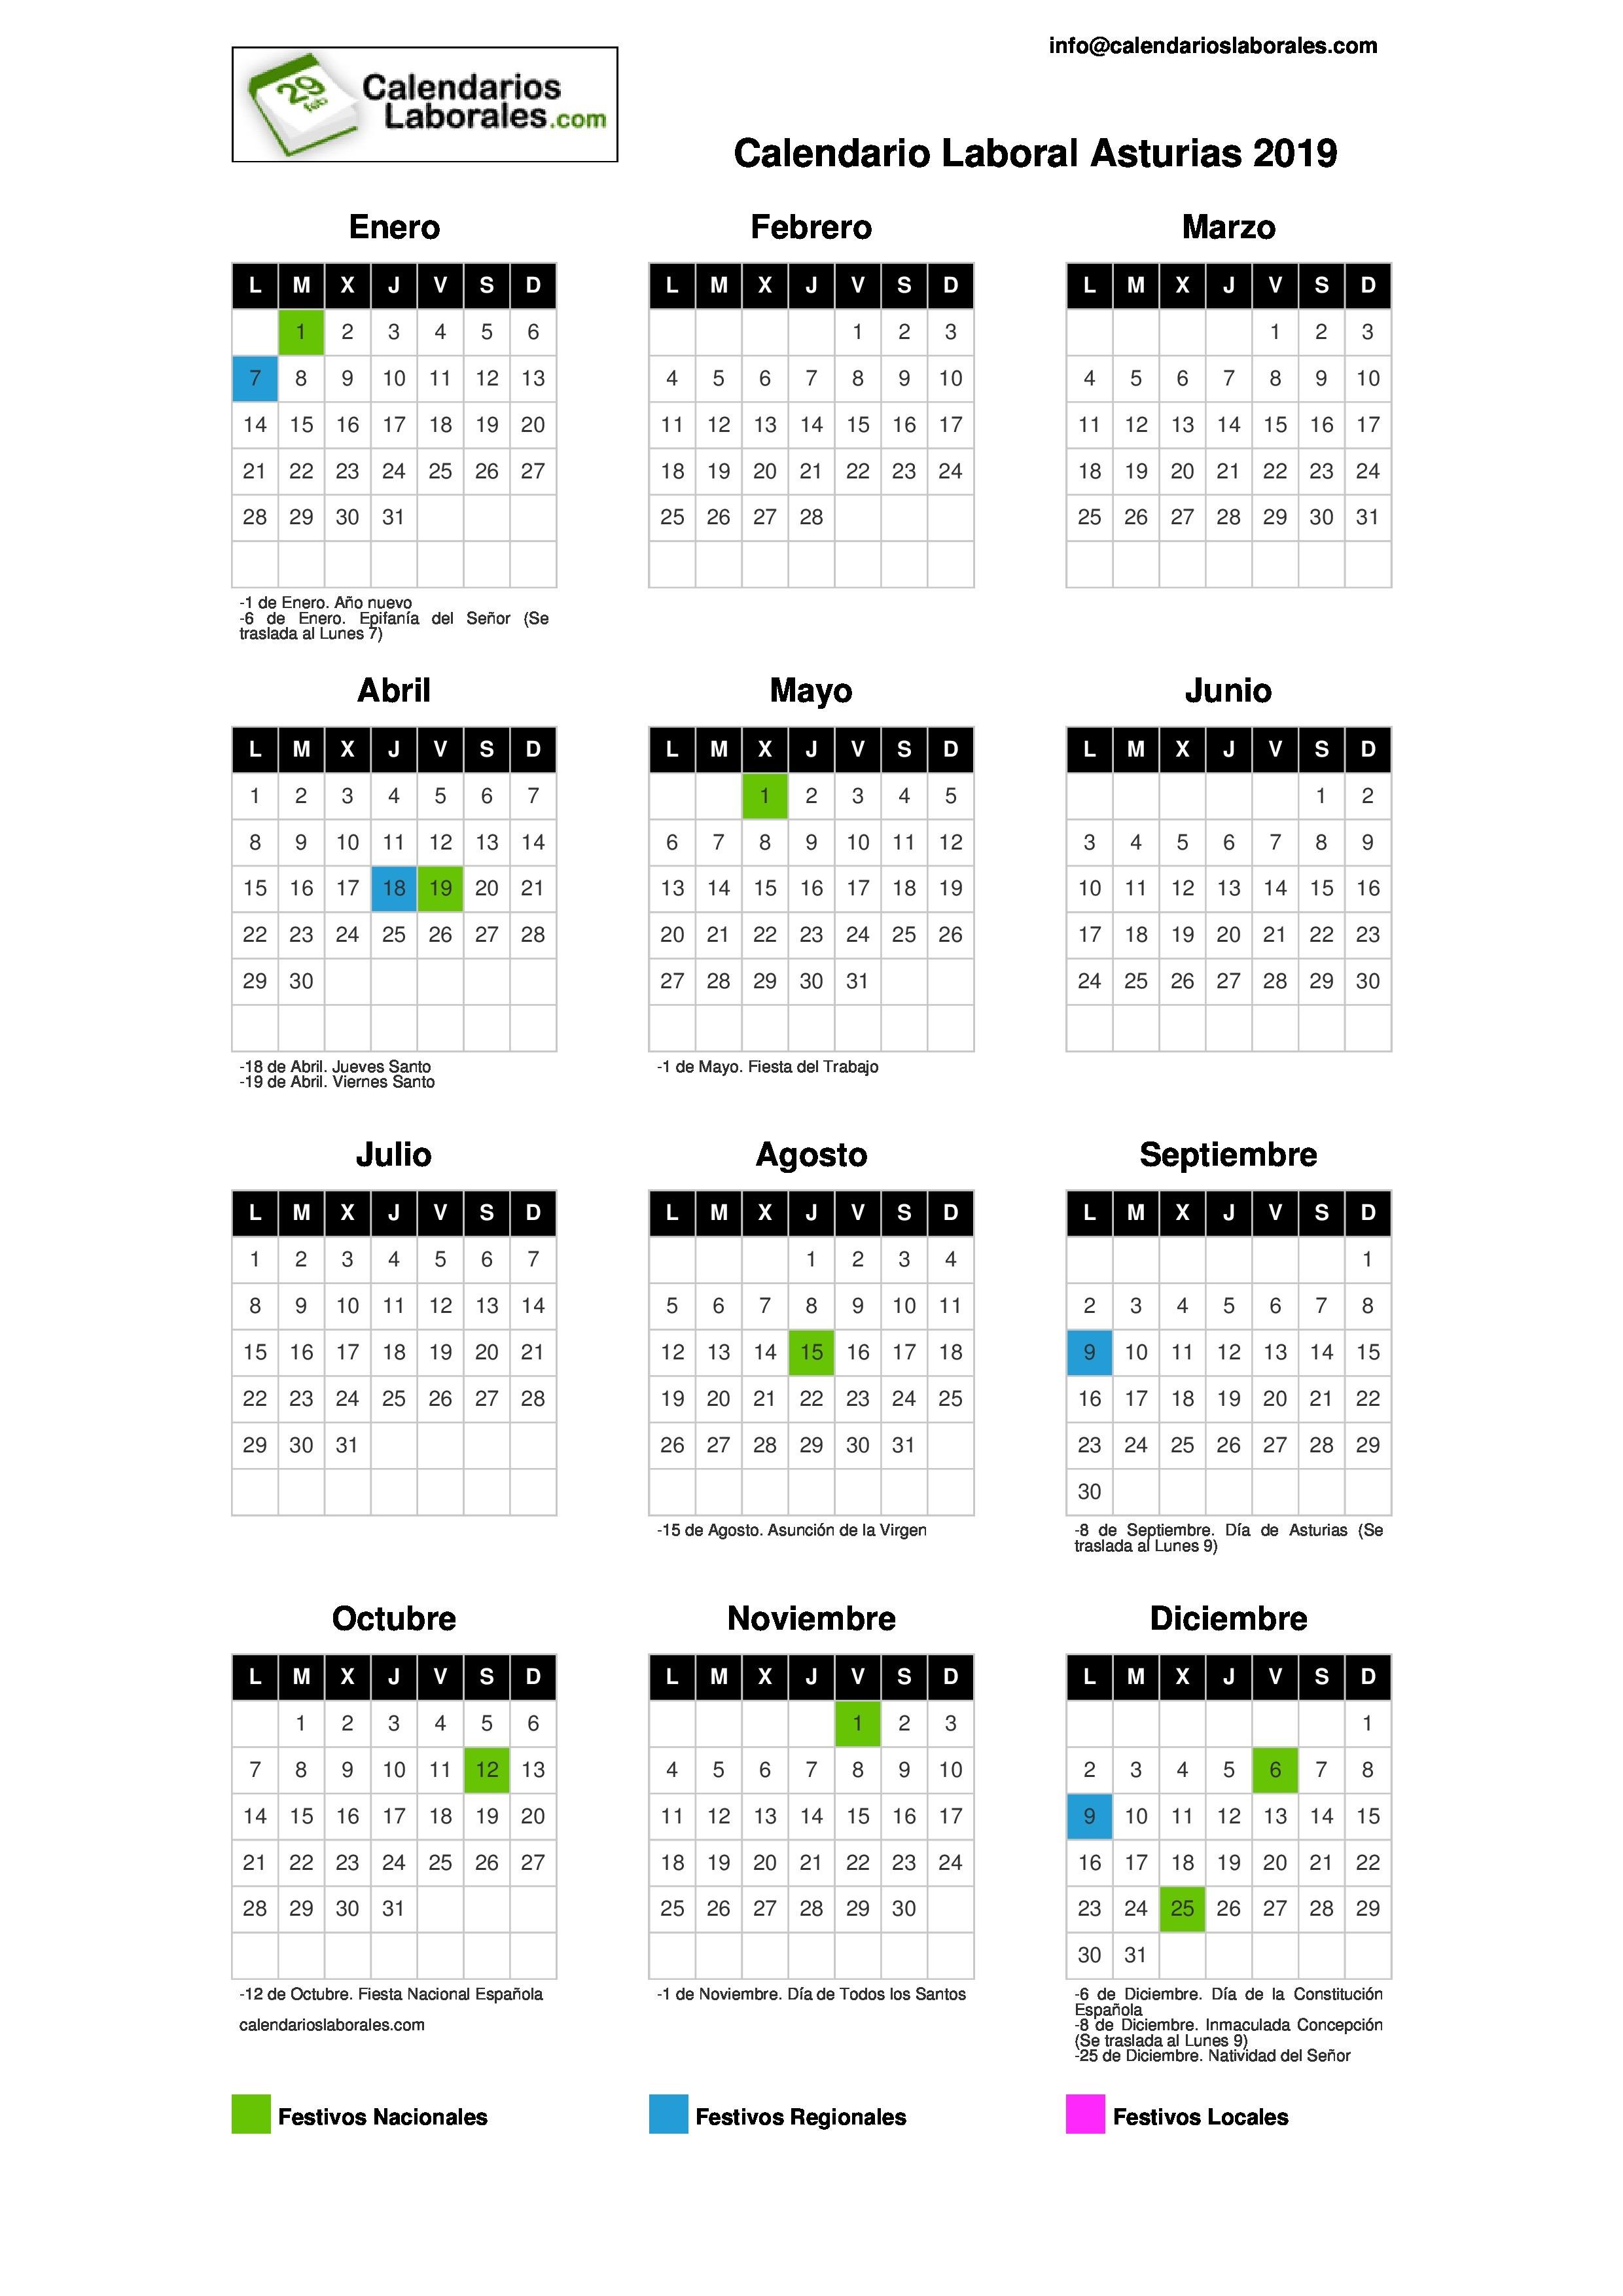 Descargar Calendario 2019 Excel Mejores Y Más Novedosos Abril 2019 Con Festivos Word Calendario T Of Descargar Calendario 2019 Excel Más Actual Bahrain Pavilion Guide Calendario Julio Agosto Septiembre 2019